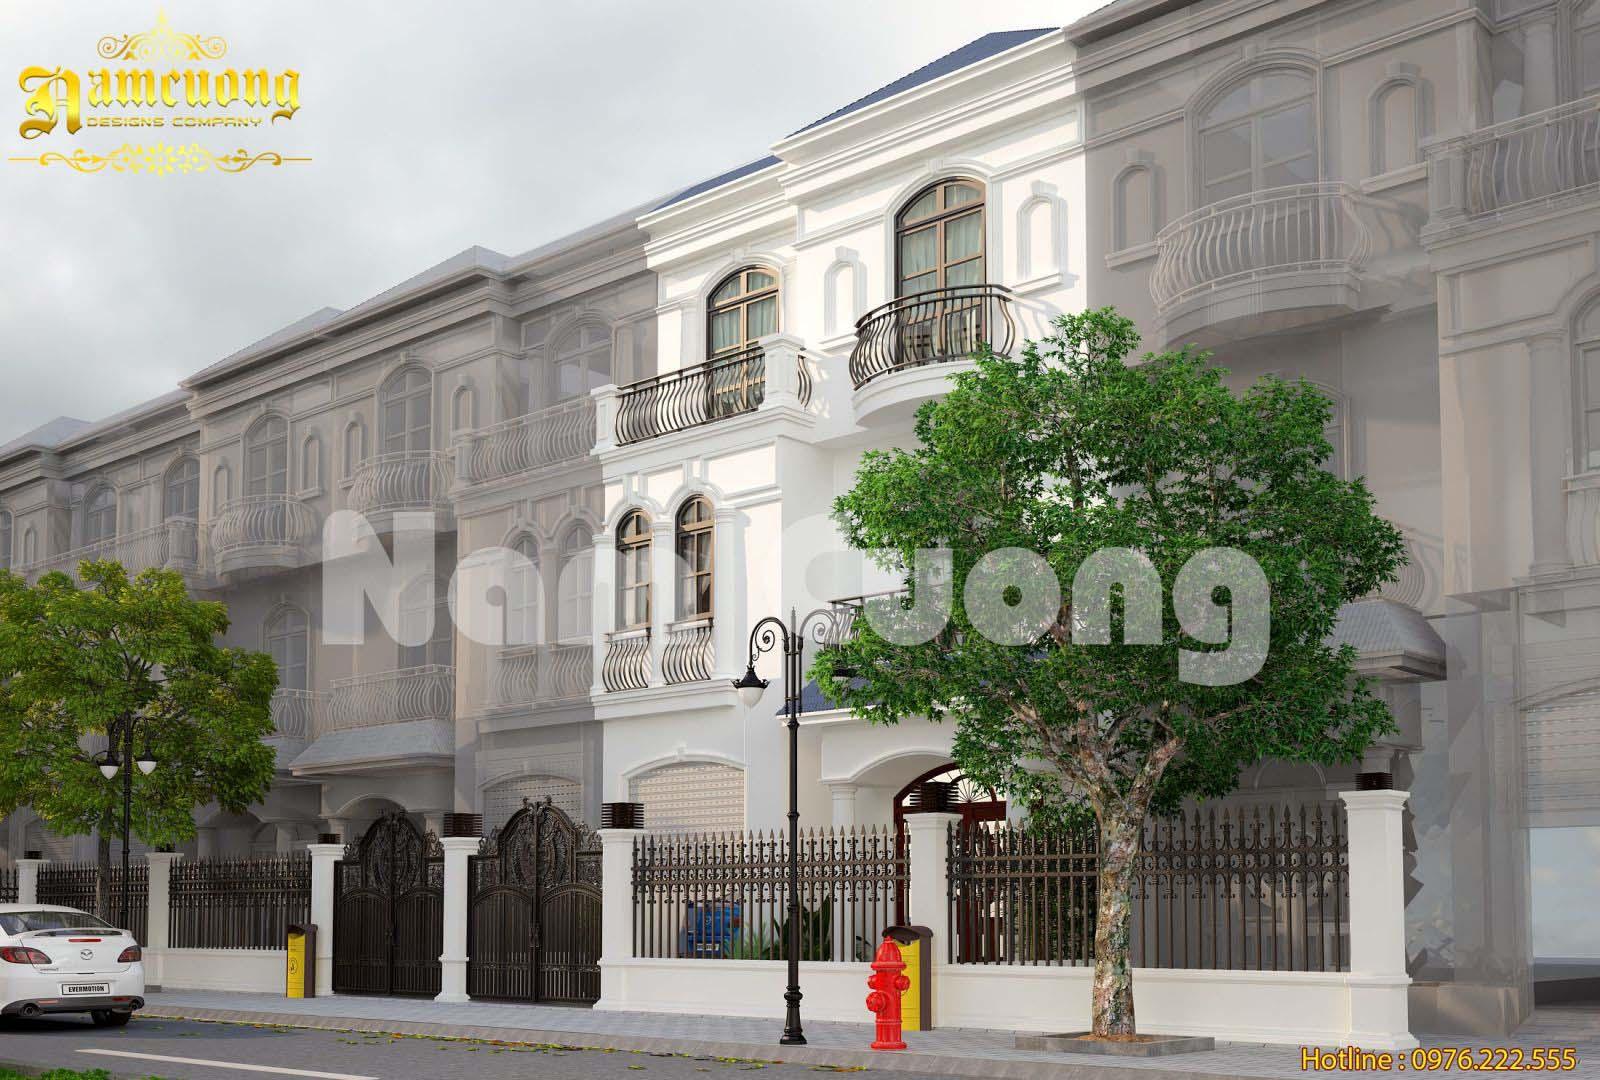 Hoàn thiện mẫu biệt thự tân cổ điển tại Vinhomes với phong cách mới lạ - BTTCD 028